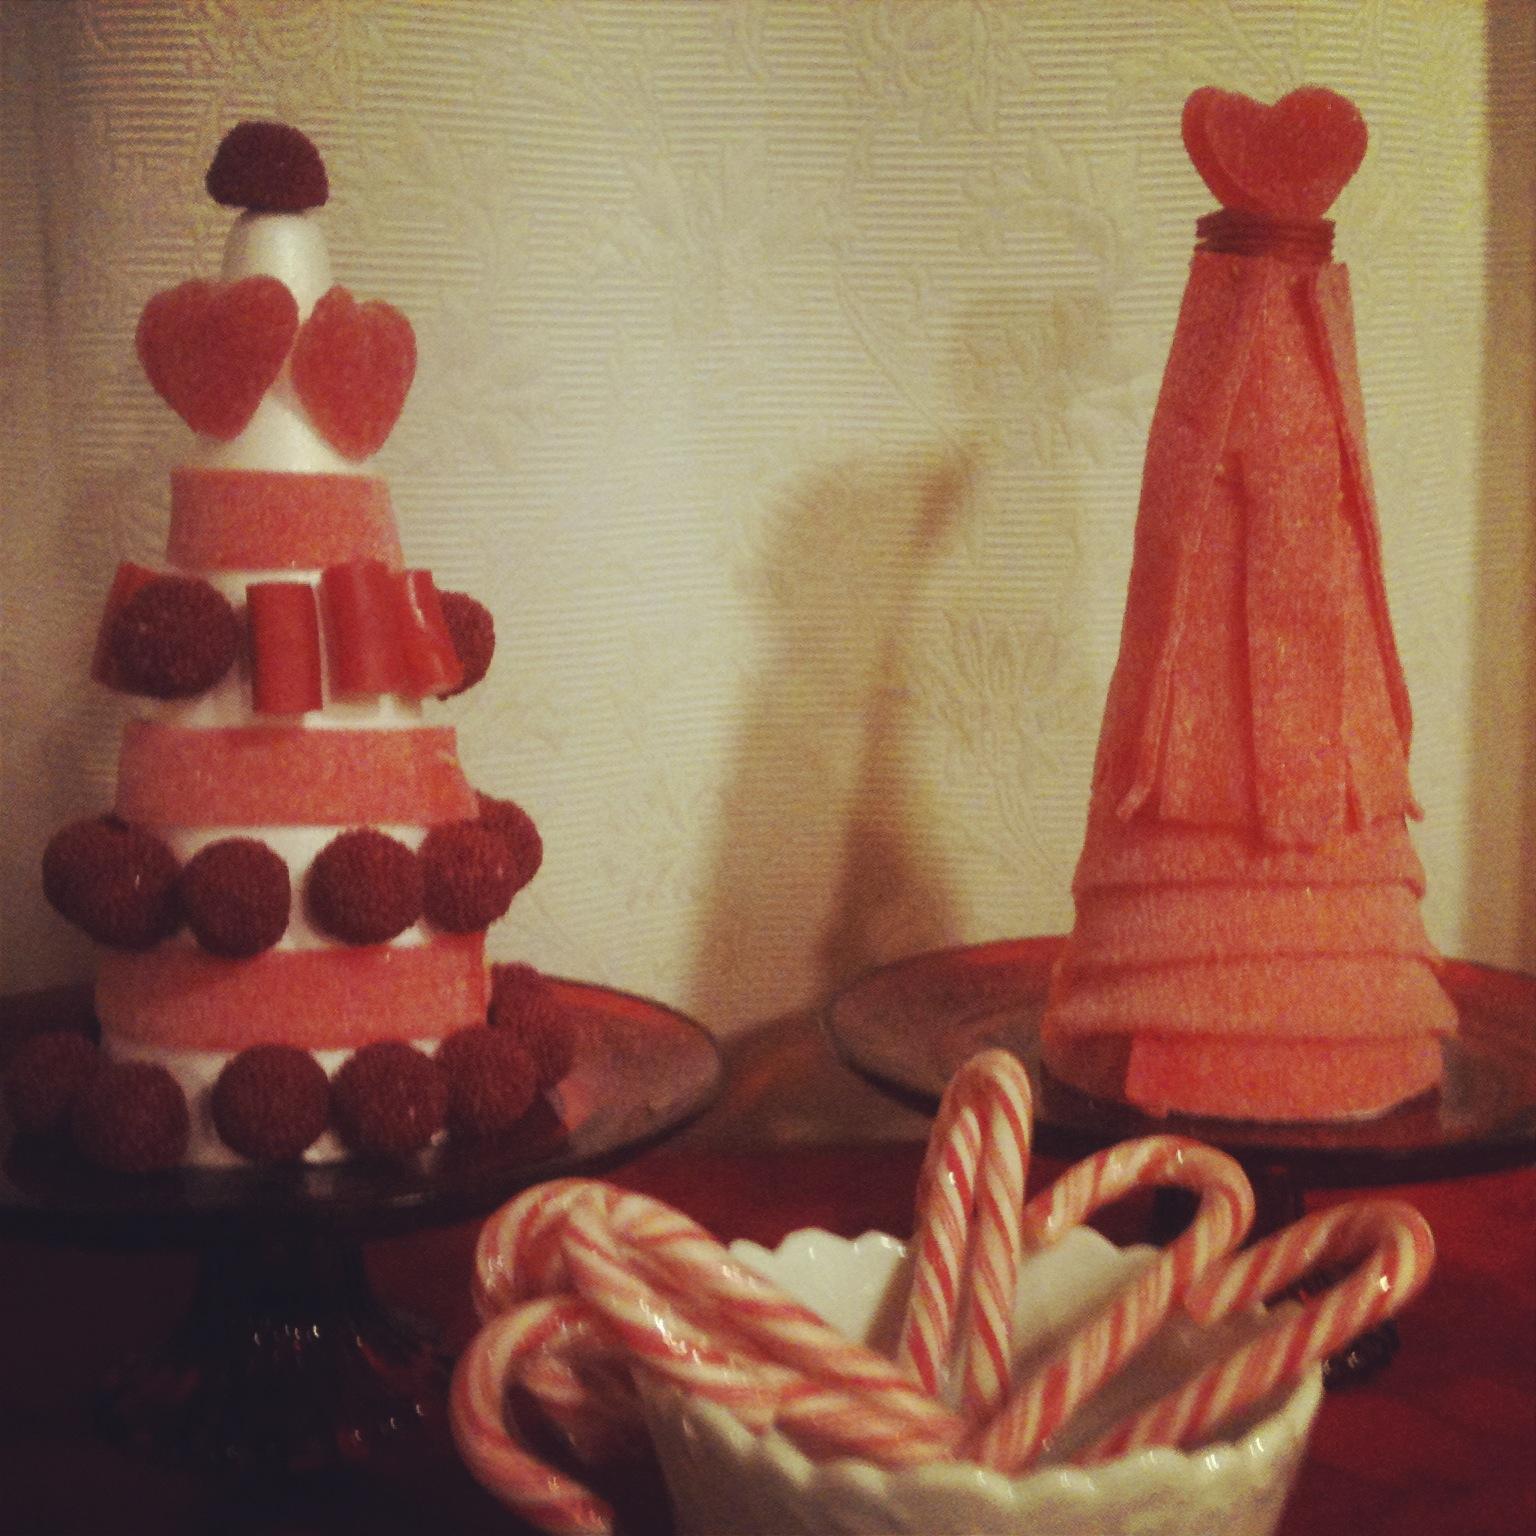 Oui Oui-arboles chuches navidad-candybar navideña-mesa dulces